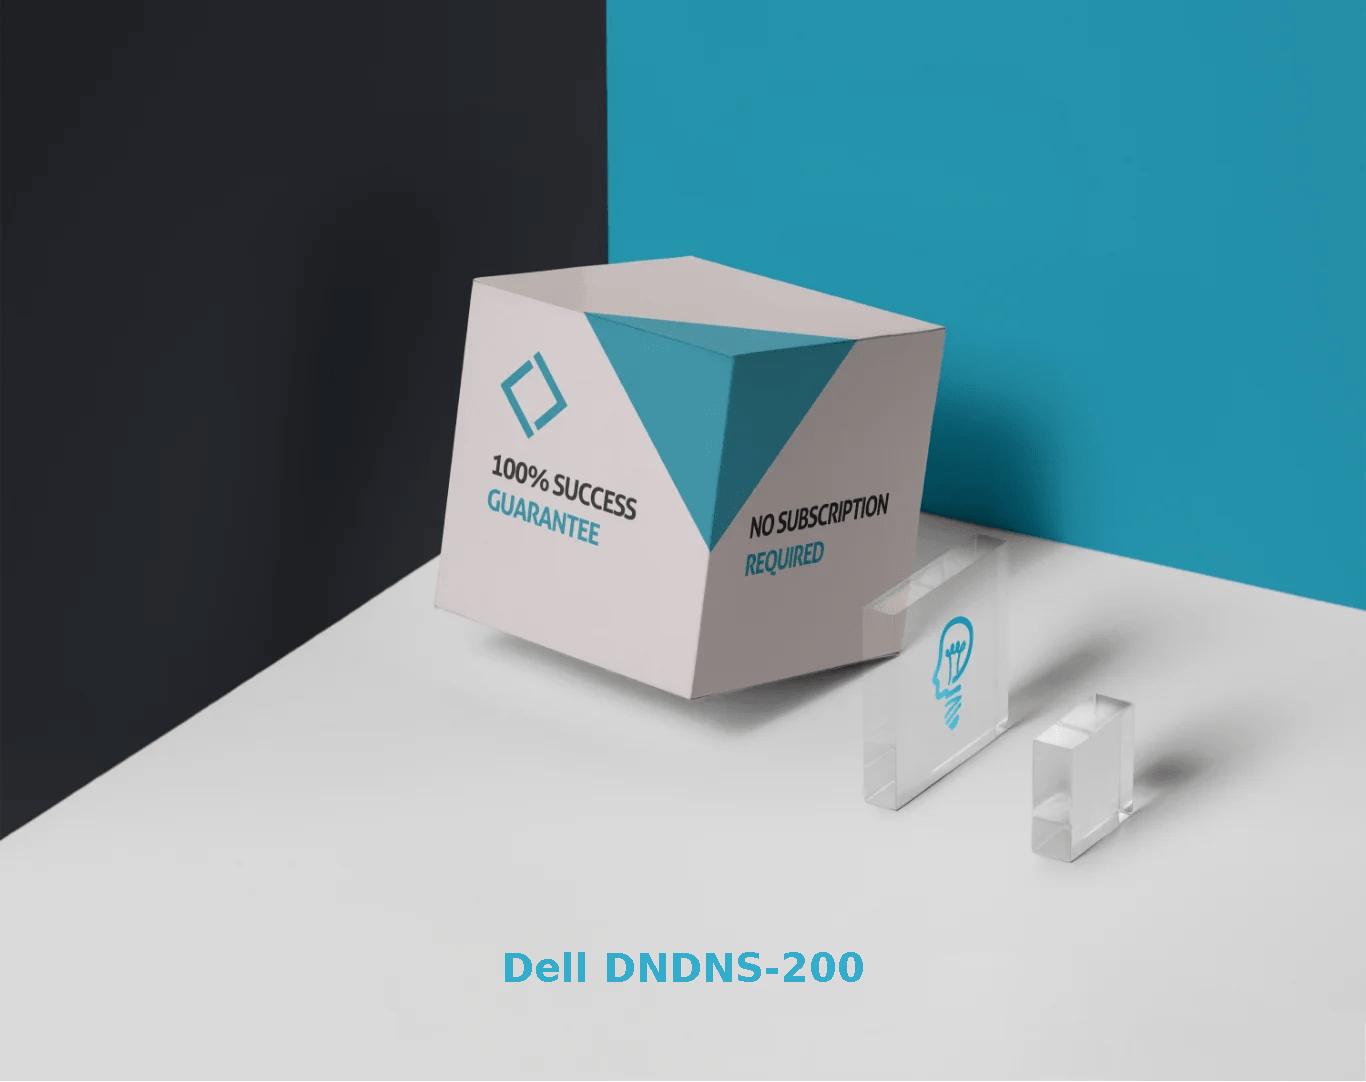 Dell DNDNS-200 Exams